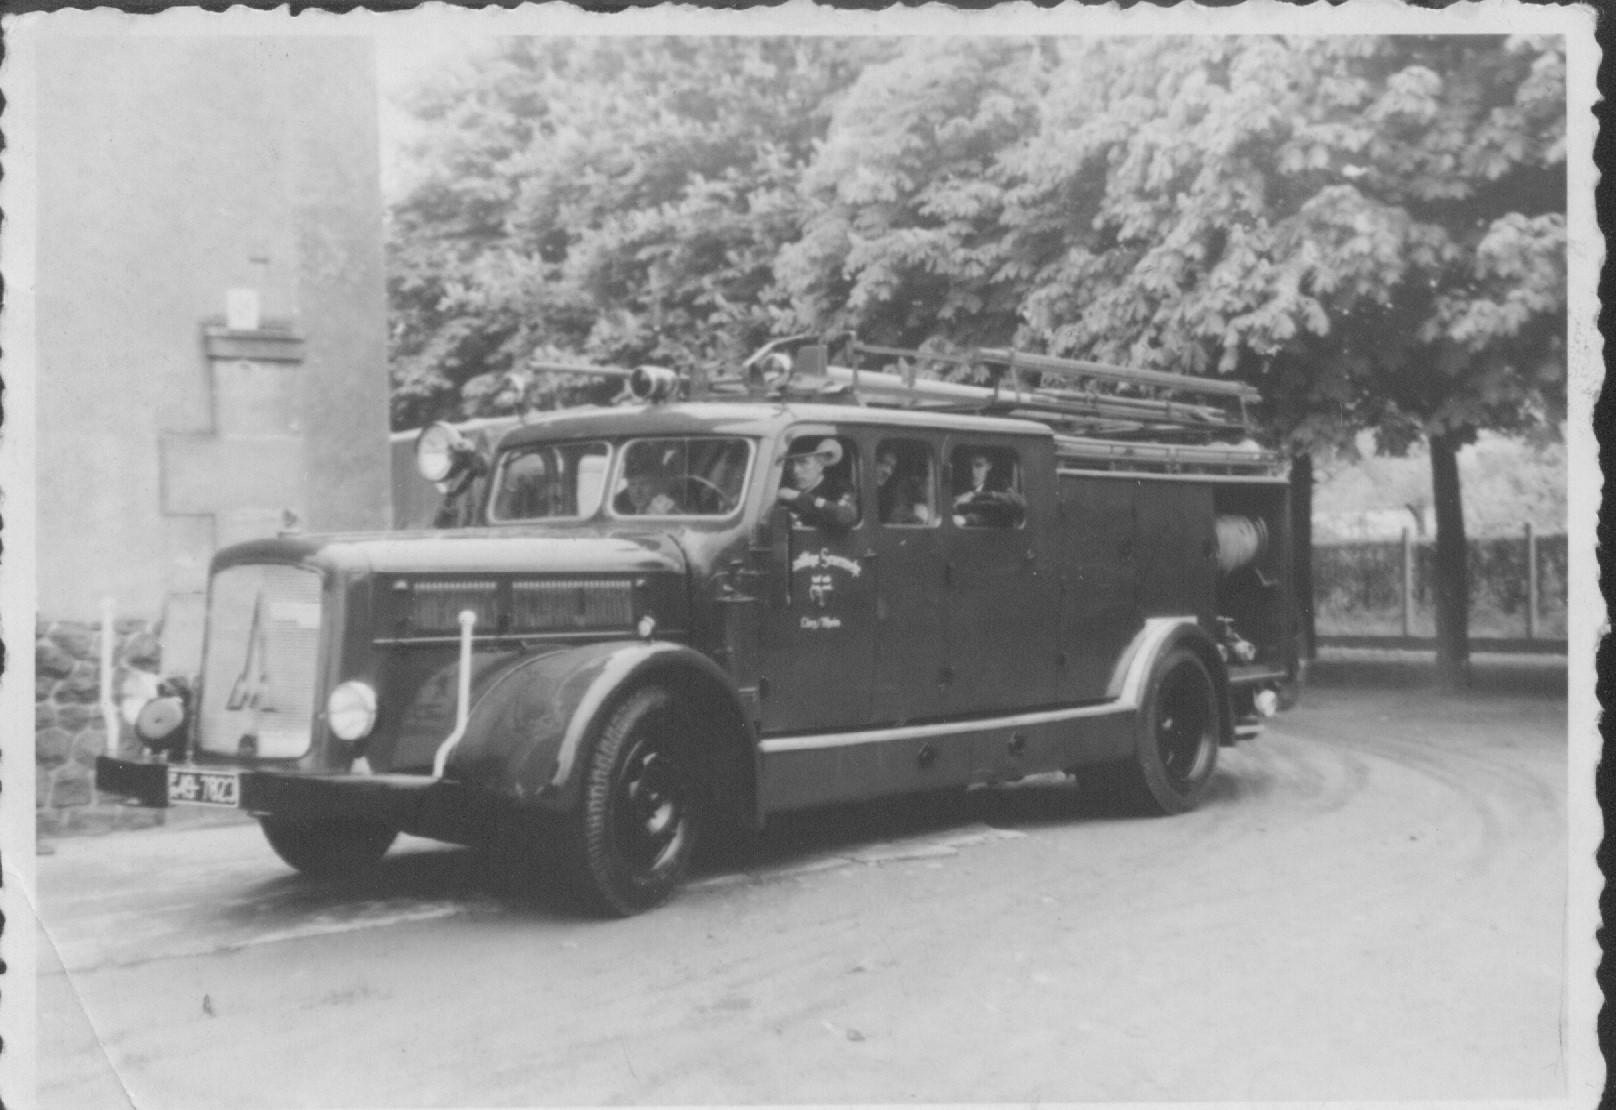 1. Löschfahrzeug LF 25 / 1945-1960